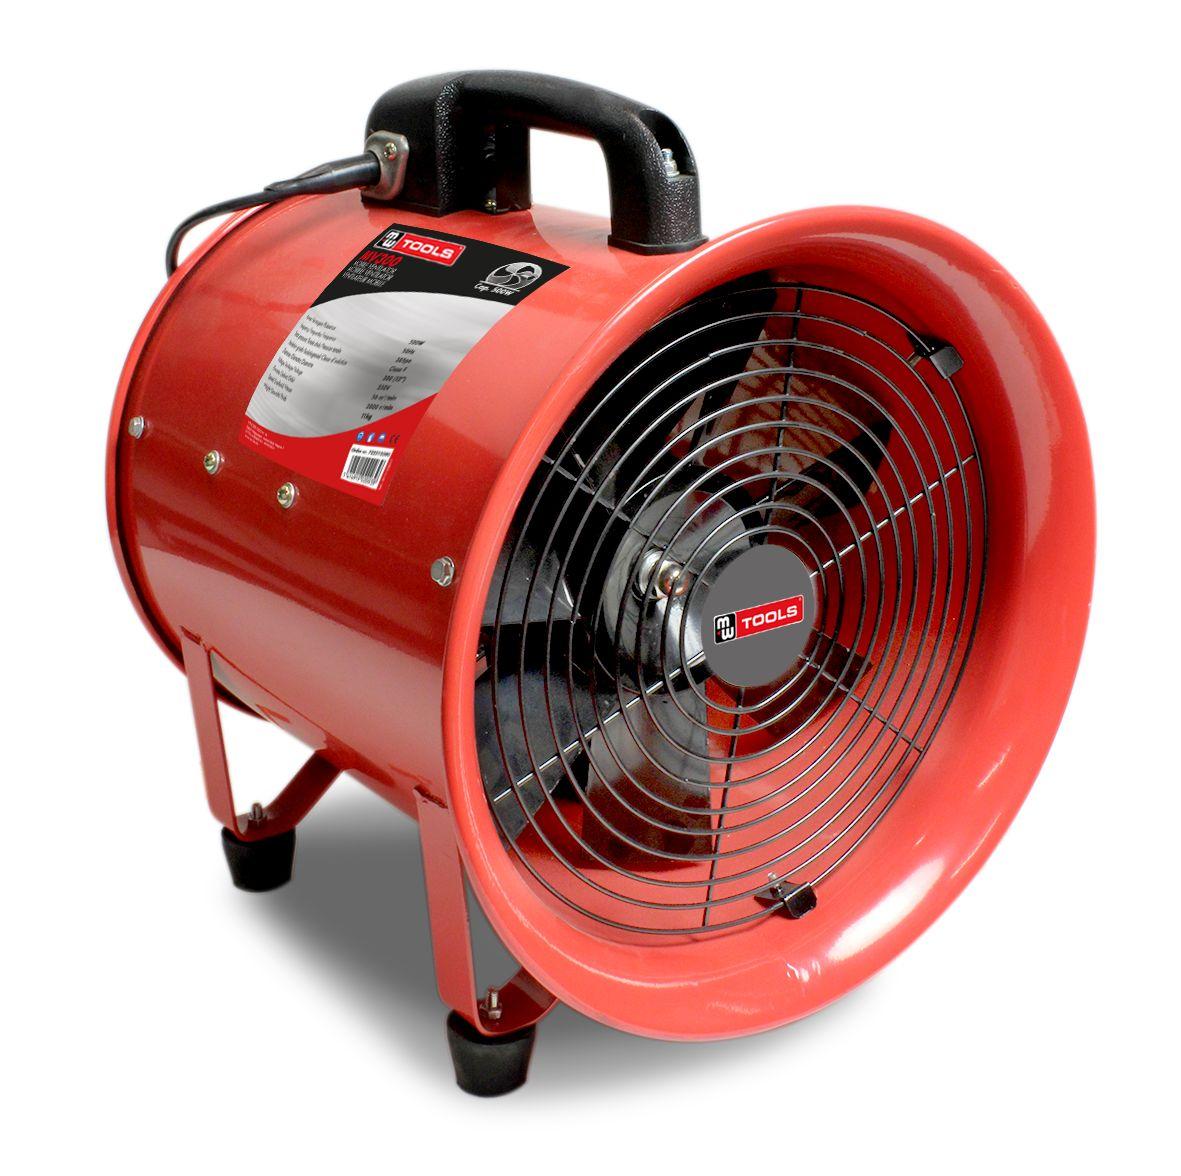 ventilateur extracteur mobile 300 mm 500 w ventilateur. Black Bedroom Furniture Sets. Home Design Ideas